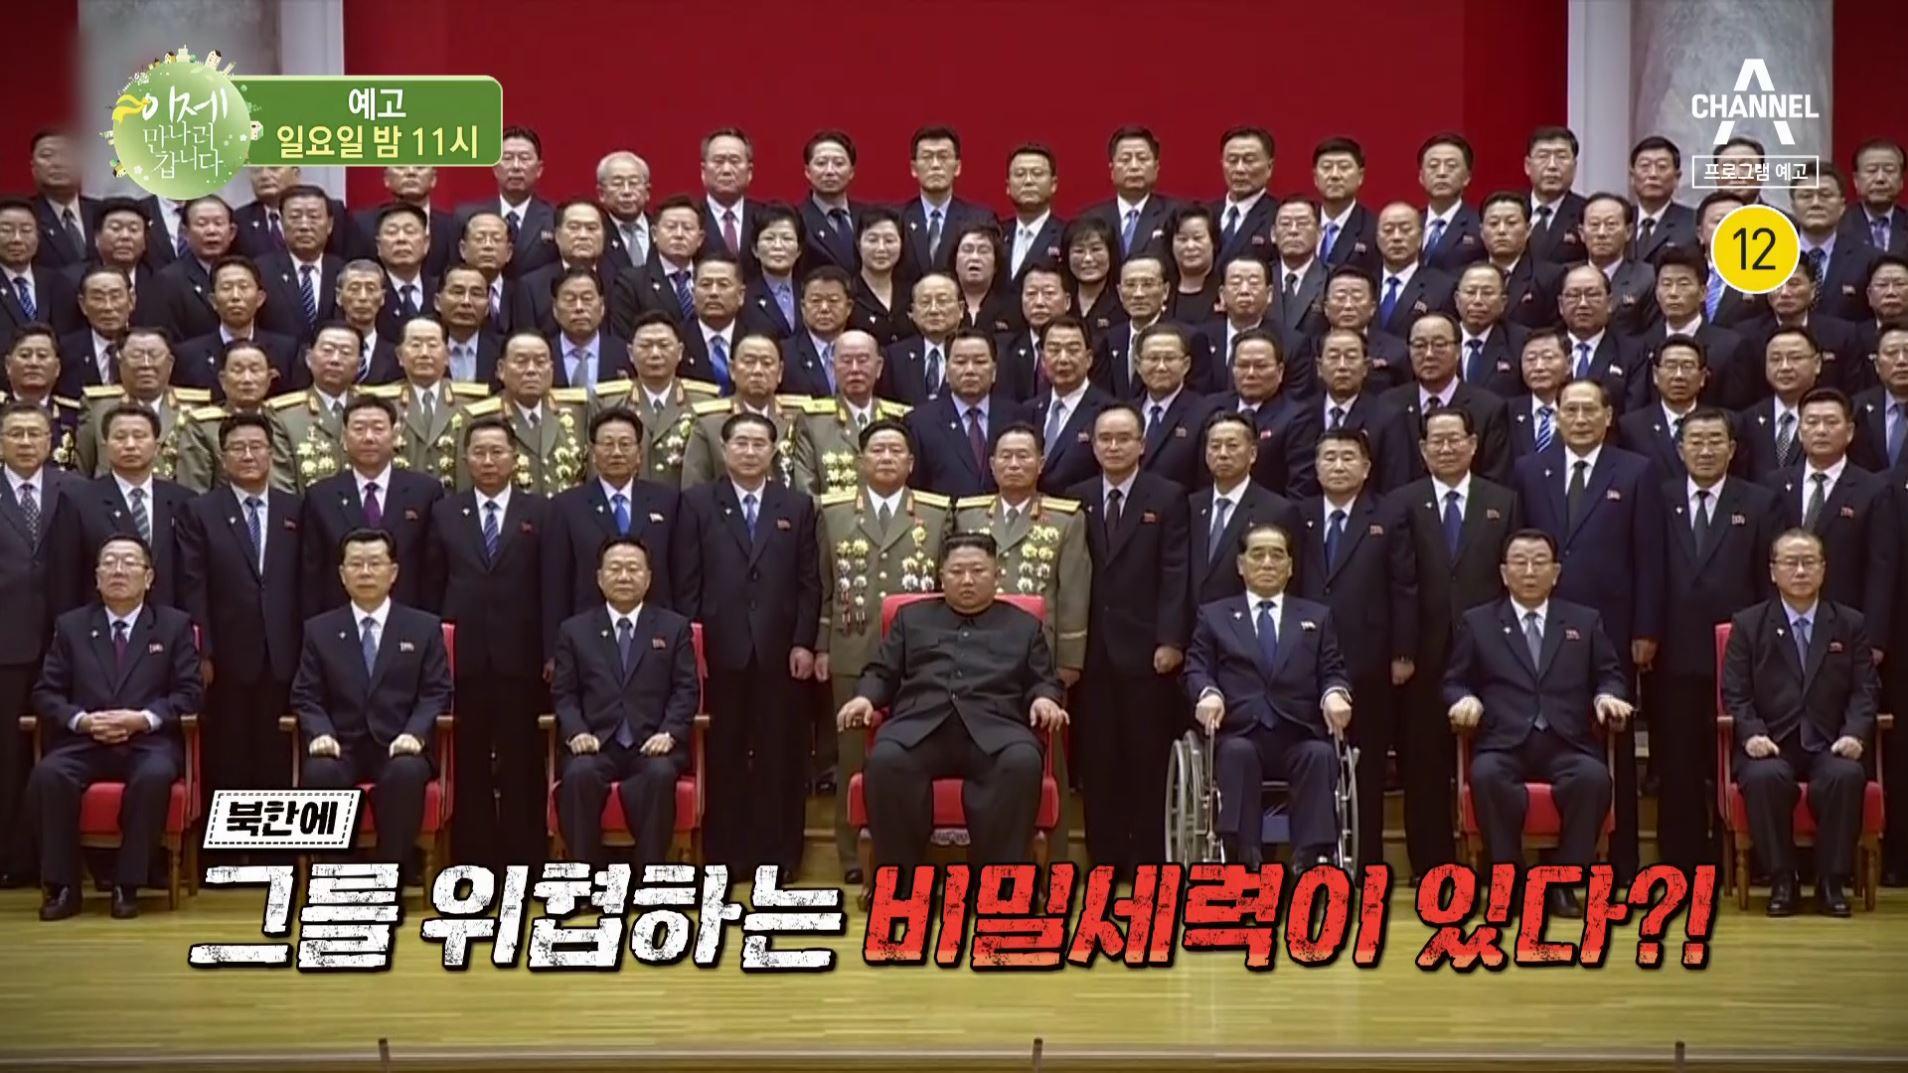 [예고] 이만갑 최초 공개! 김정은 위원장을 위협하는 ....